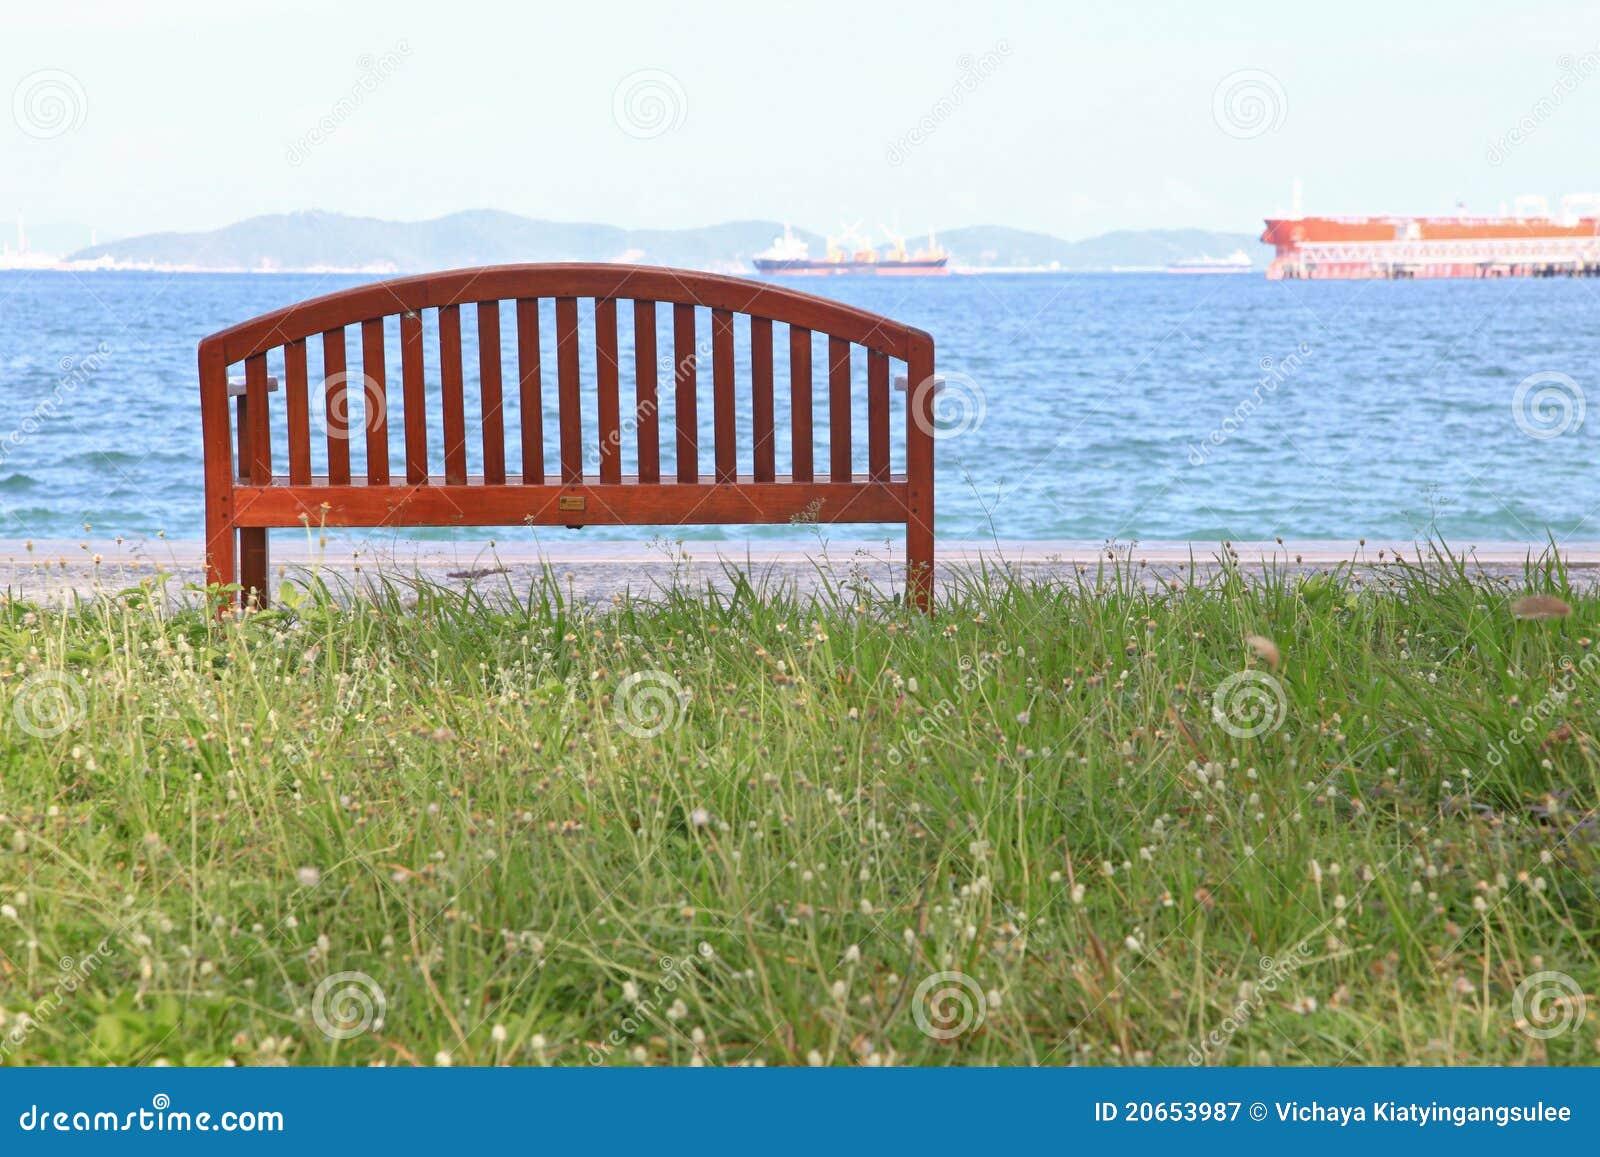 Cadeira De Praia Com Paisagem Do Mar Fotografia de Stock Royalty Free  #2066AB 1300x957